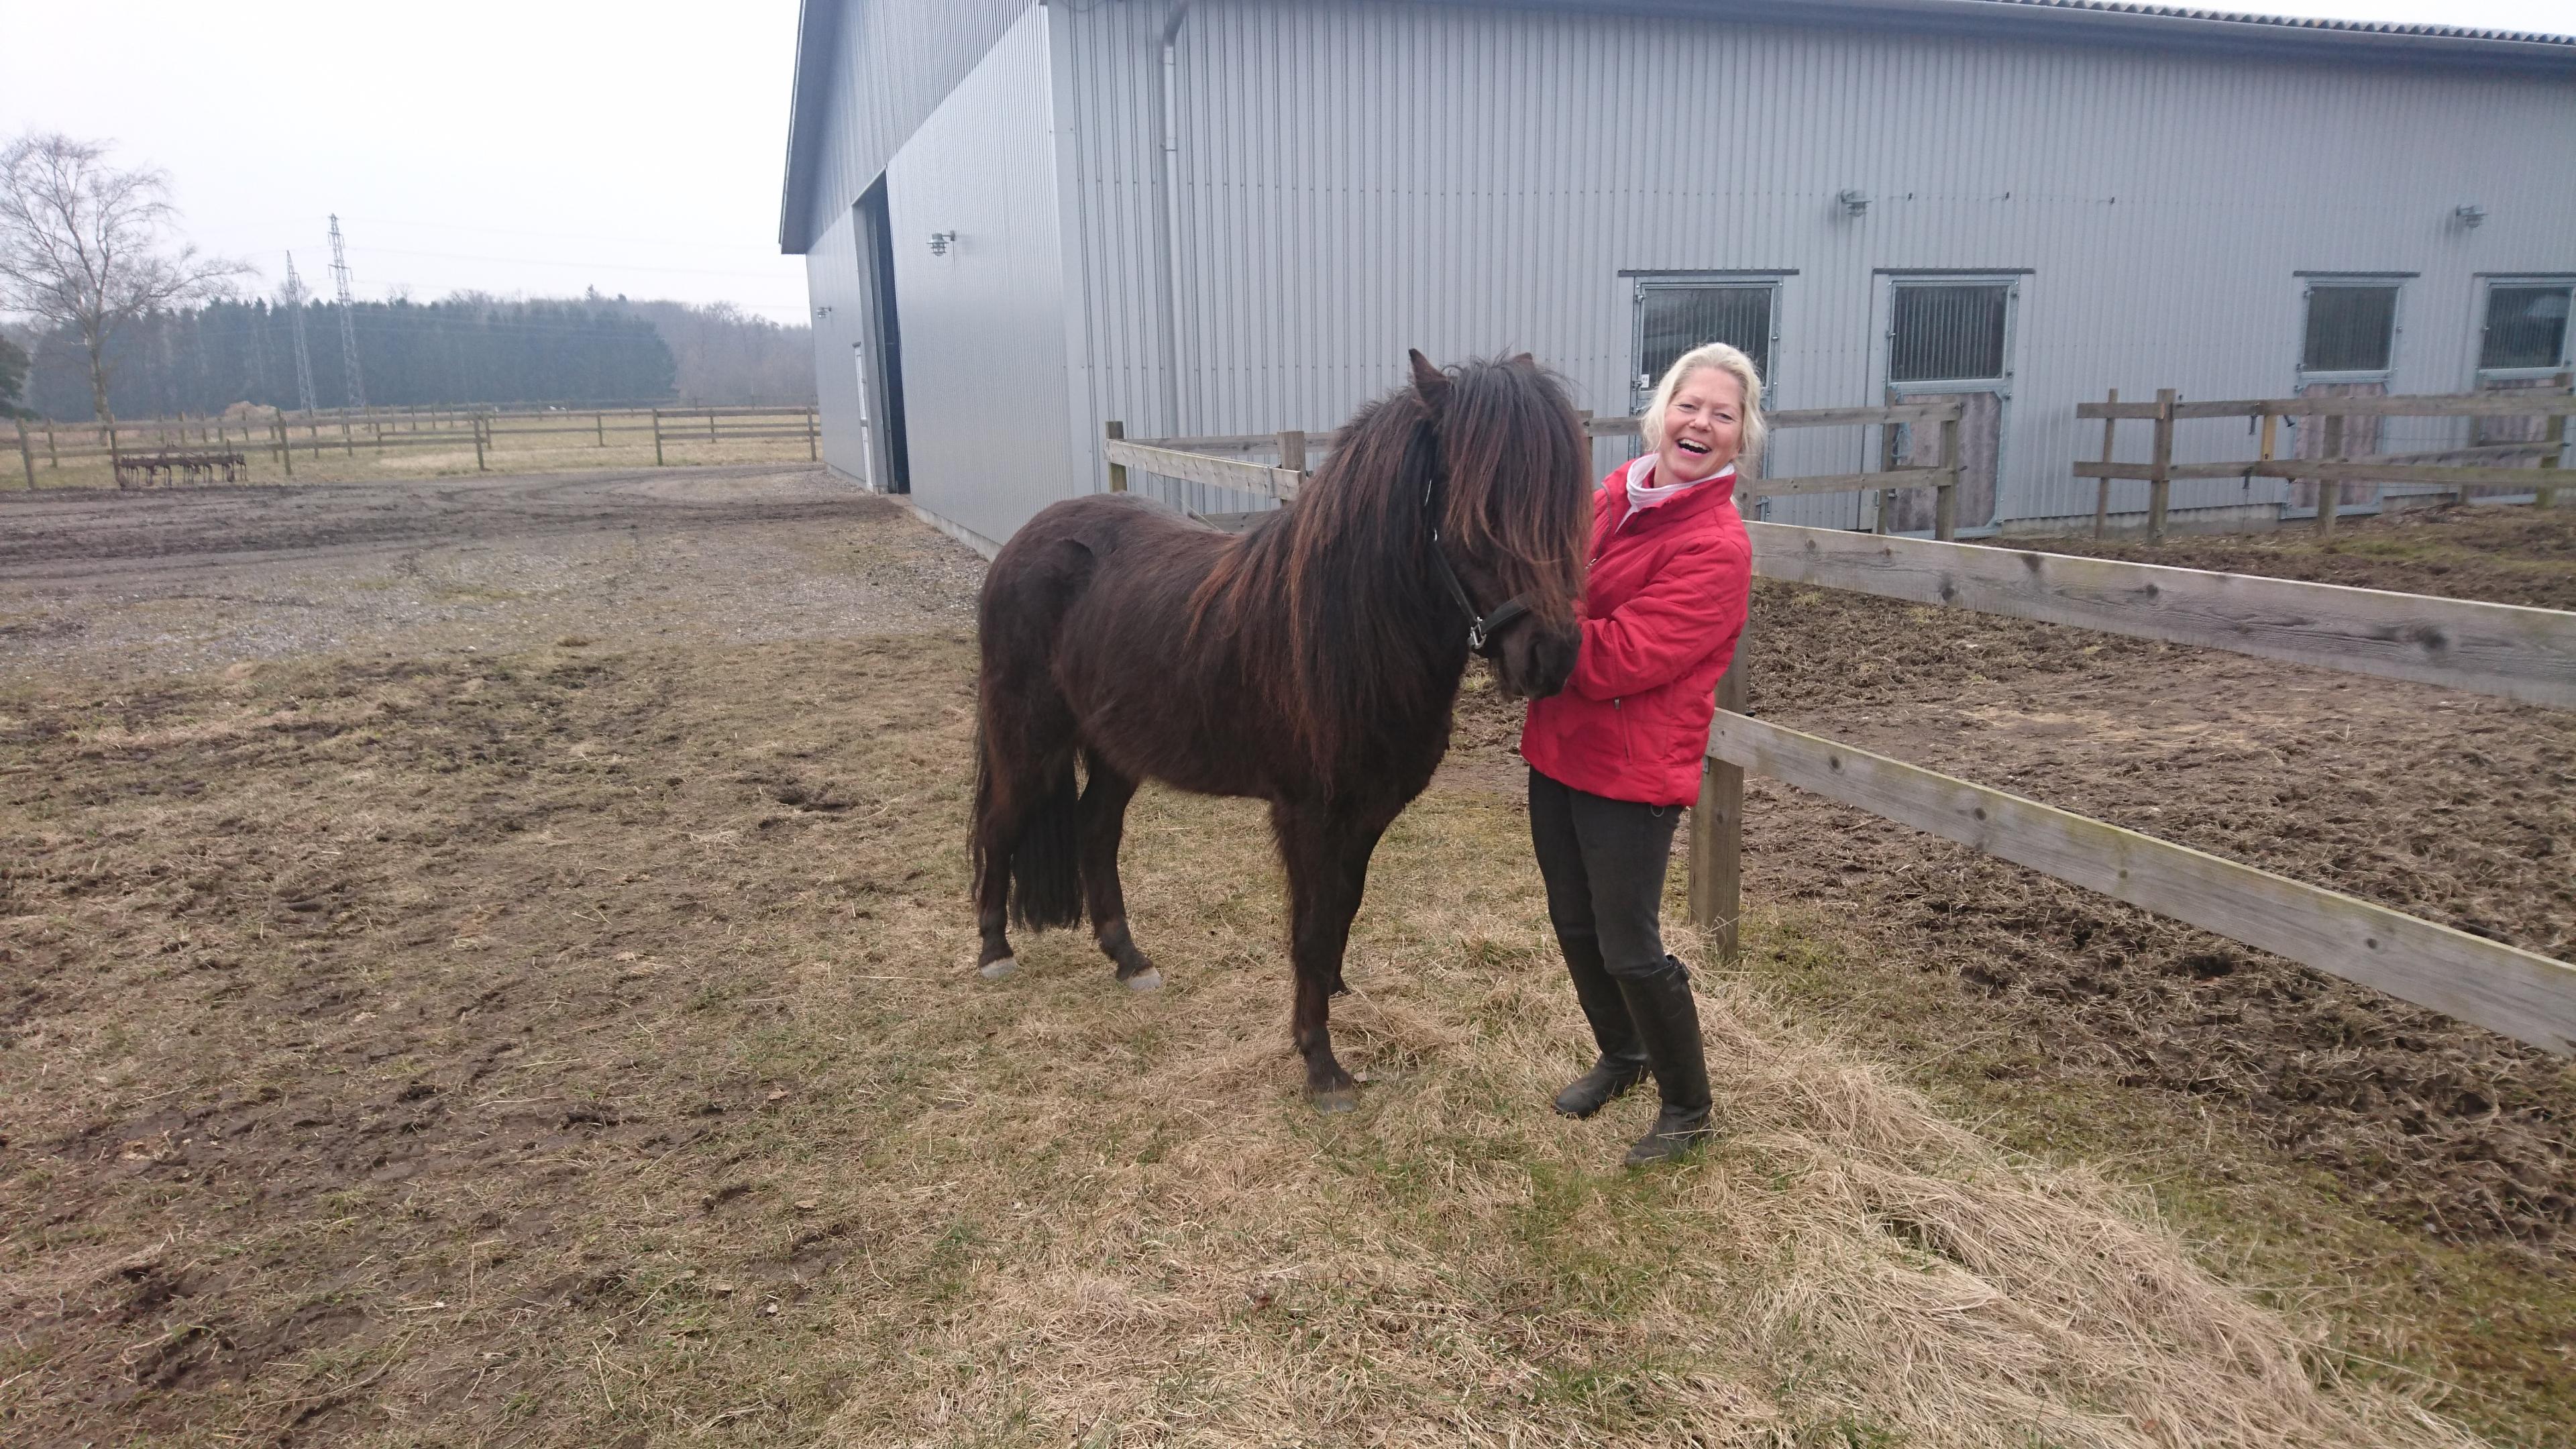 Marts 2018. Isol og Hanne har lige haft en skøn ridetur sammen. Hvem der har haft det sjovest ved jeg ikke.